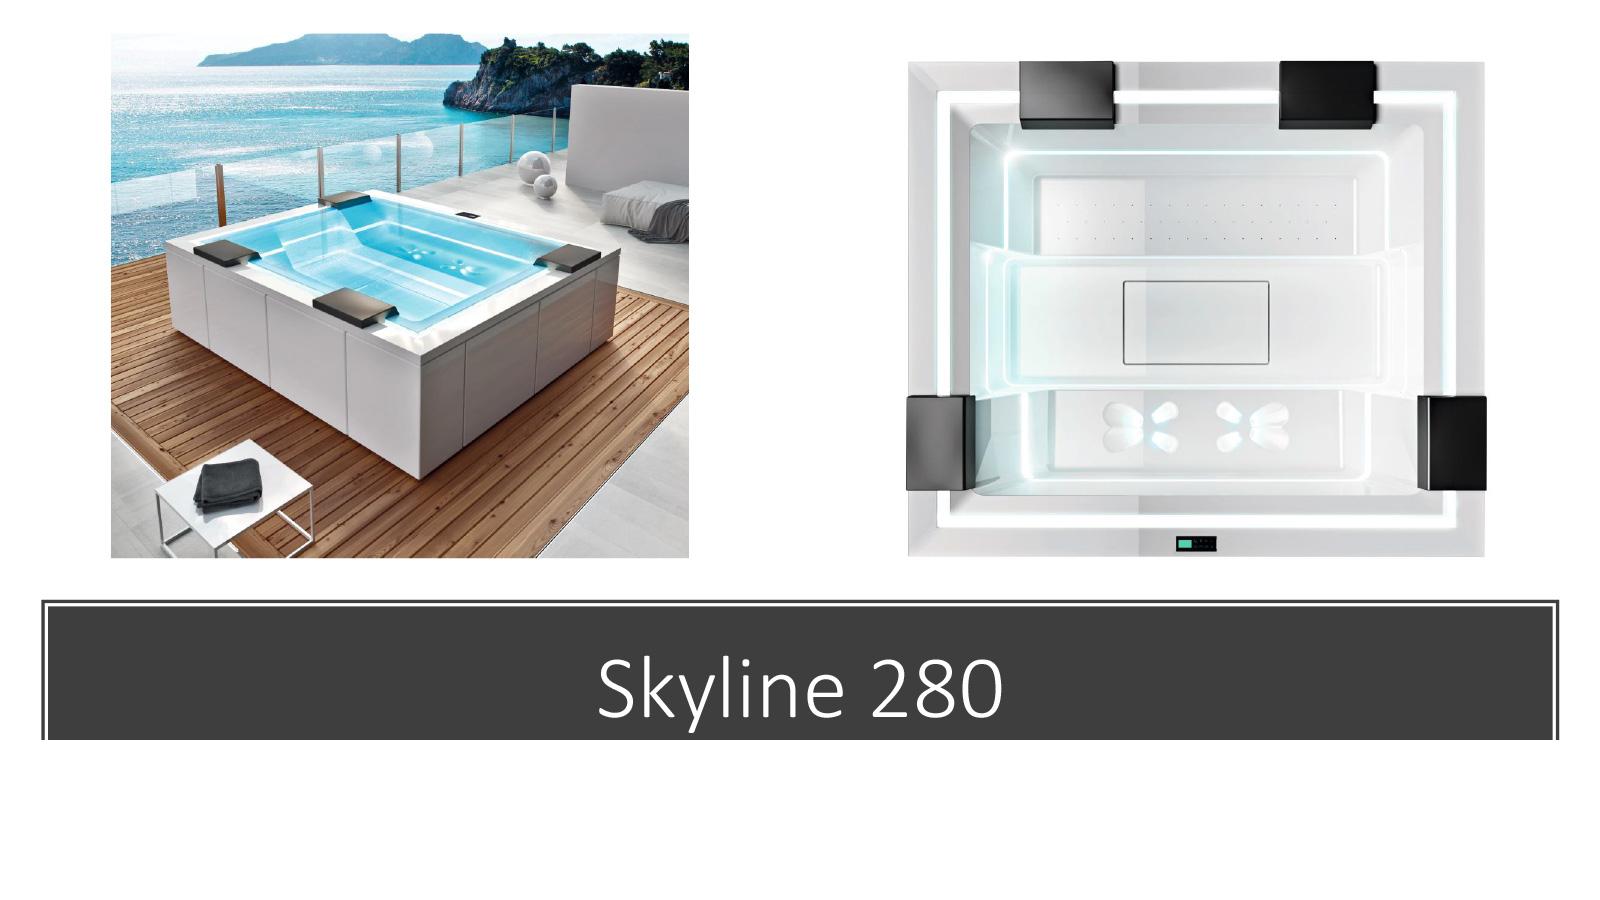 minipiscine-skyline-280_vasca